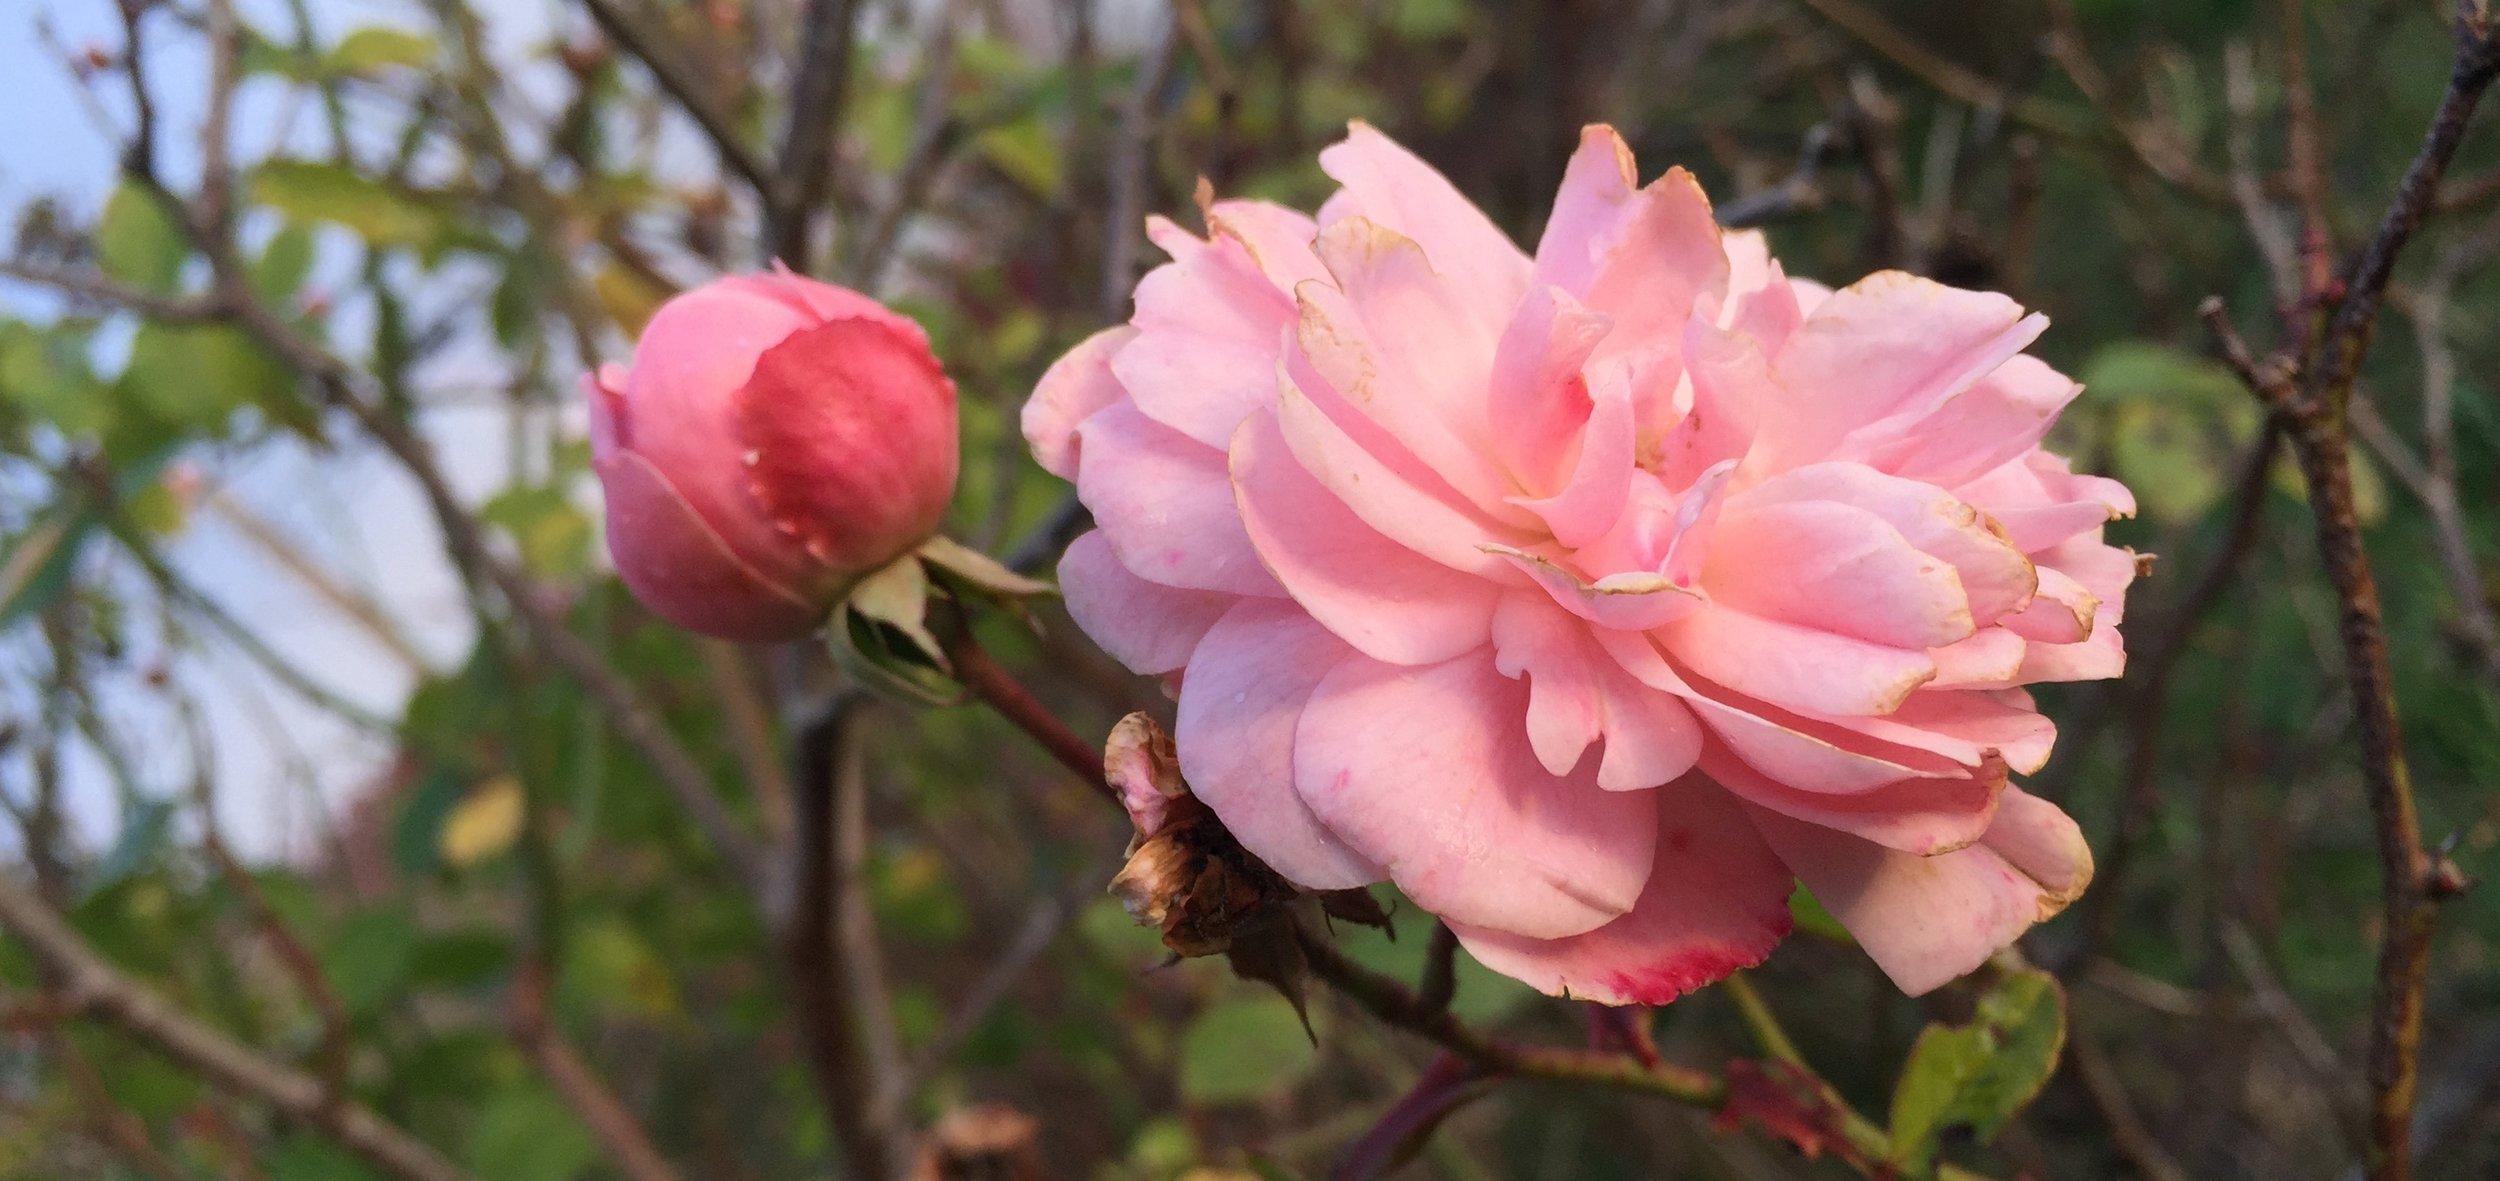 2 roses.jpg